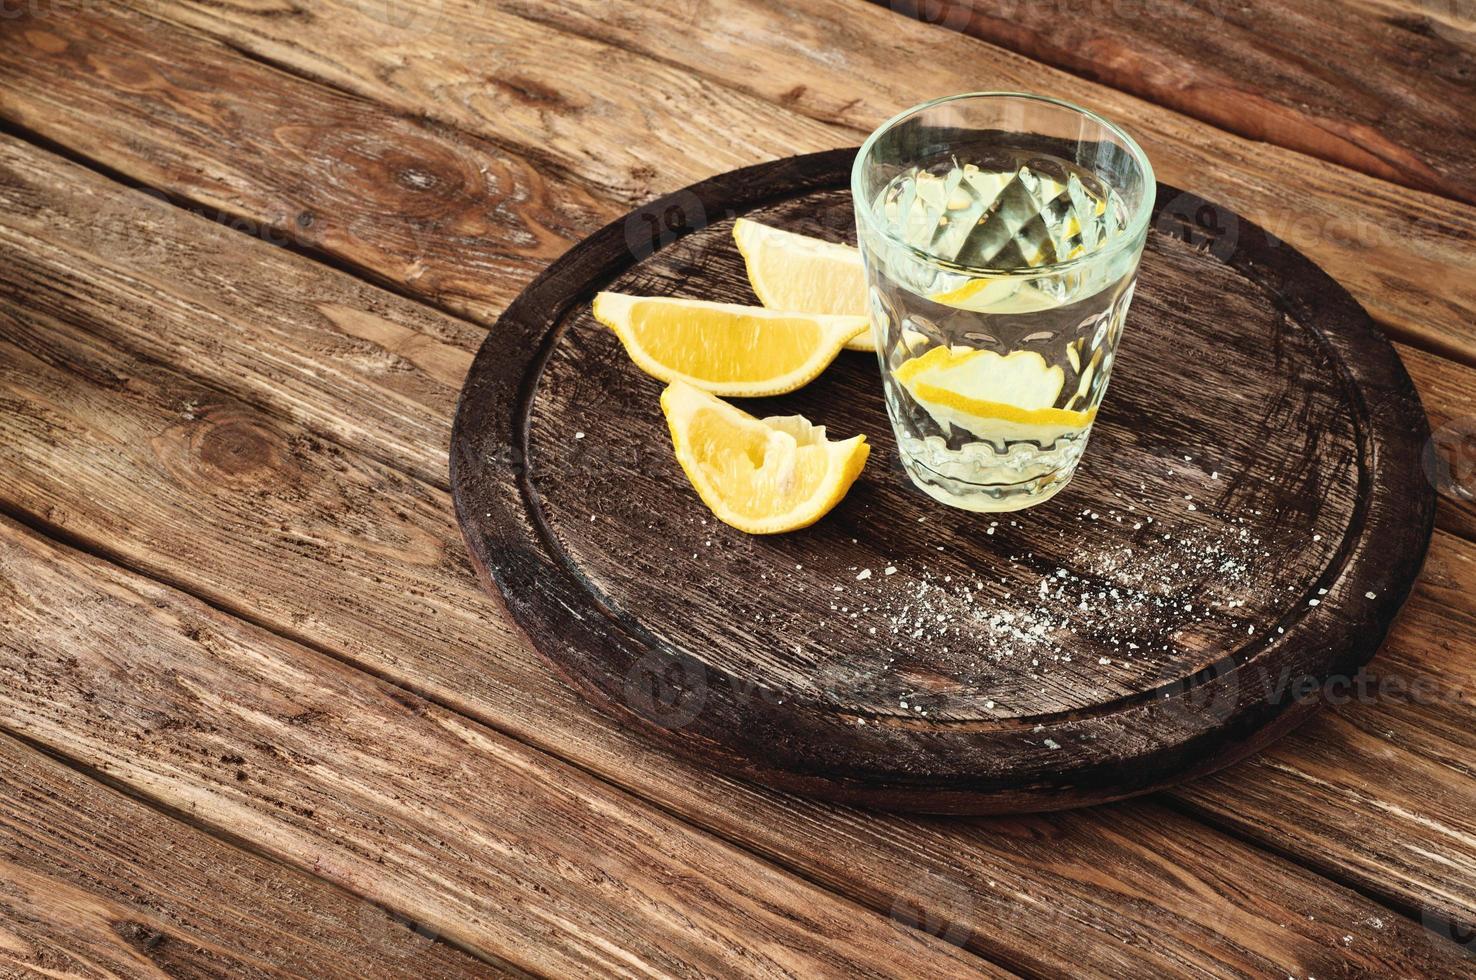 copo de tequila com rodelas de limão em um fundo de madeira foto